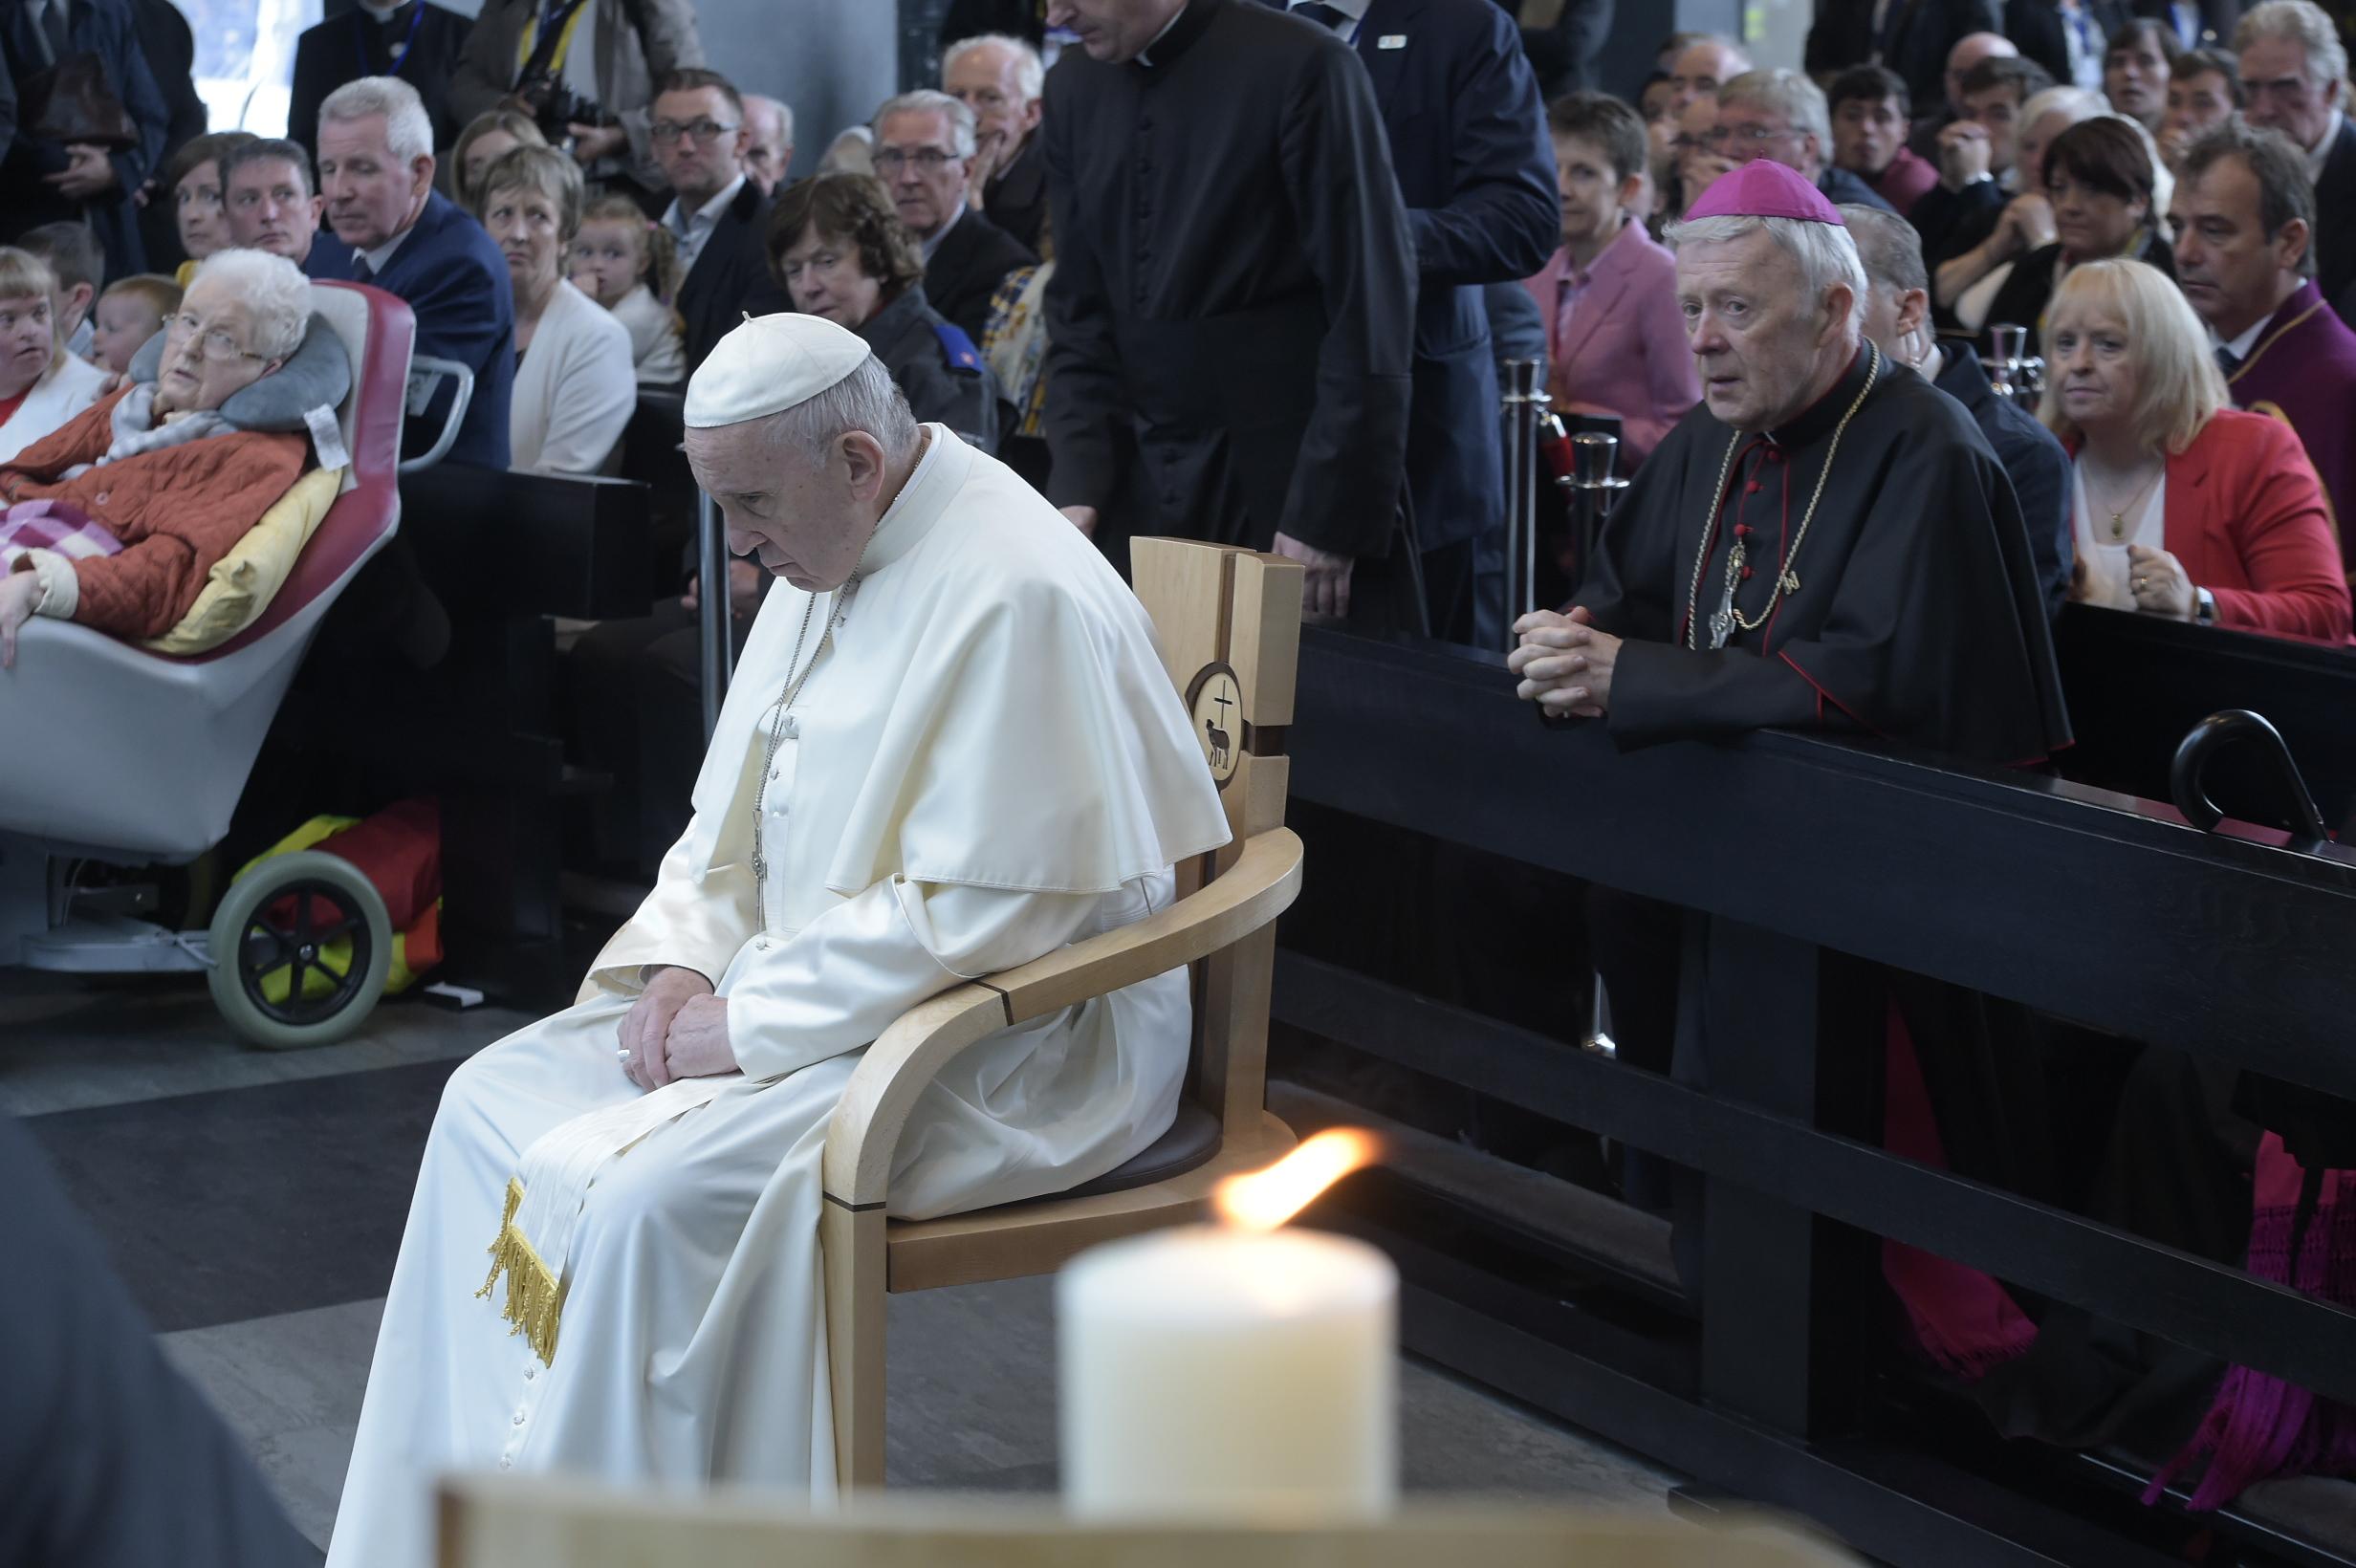 El Papa recogido en oración en su visita a Irlanda © Vatican Media